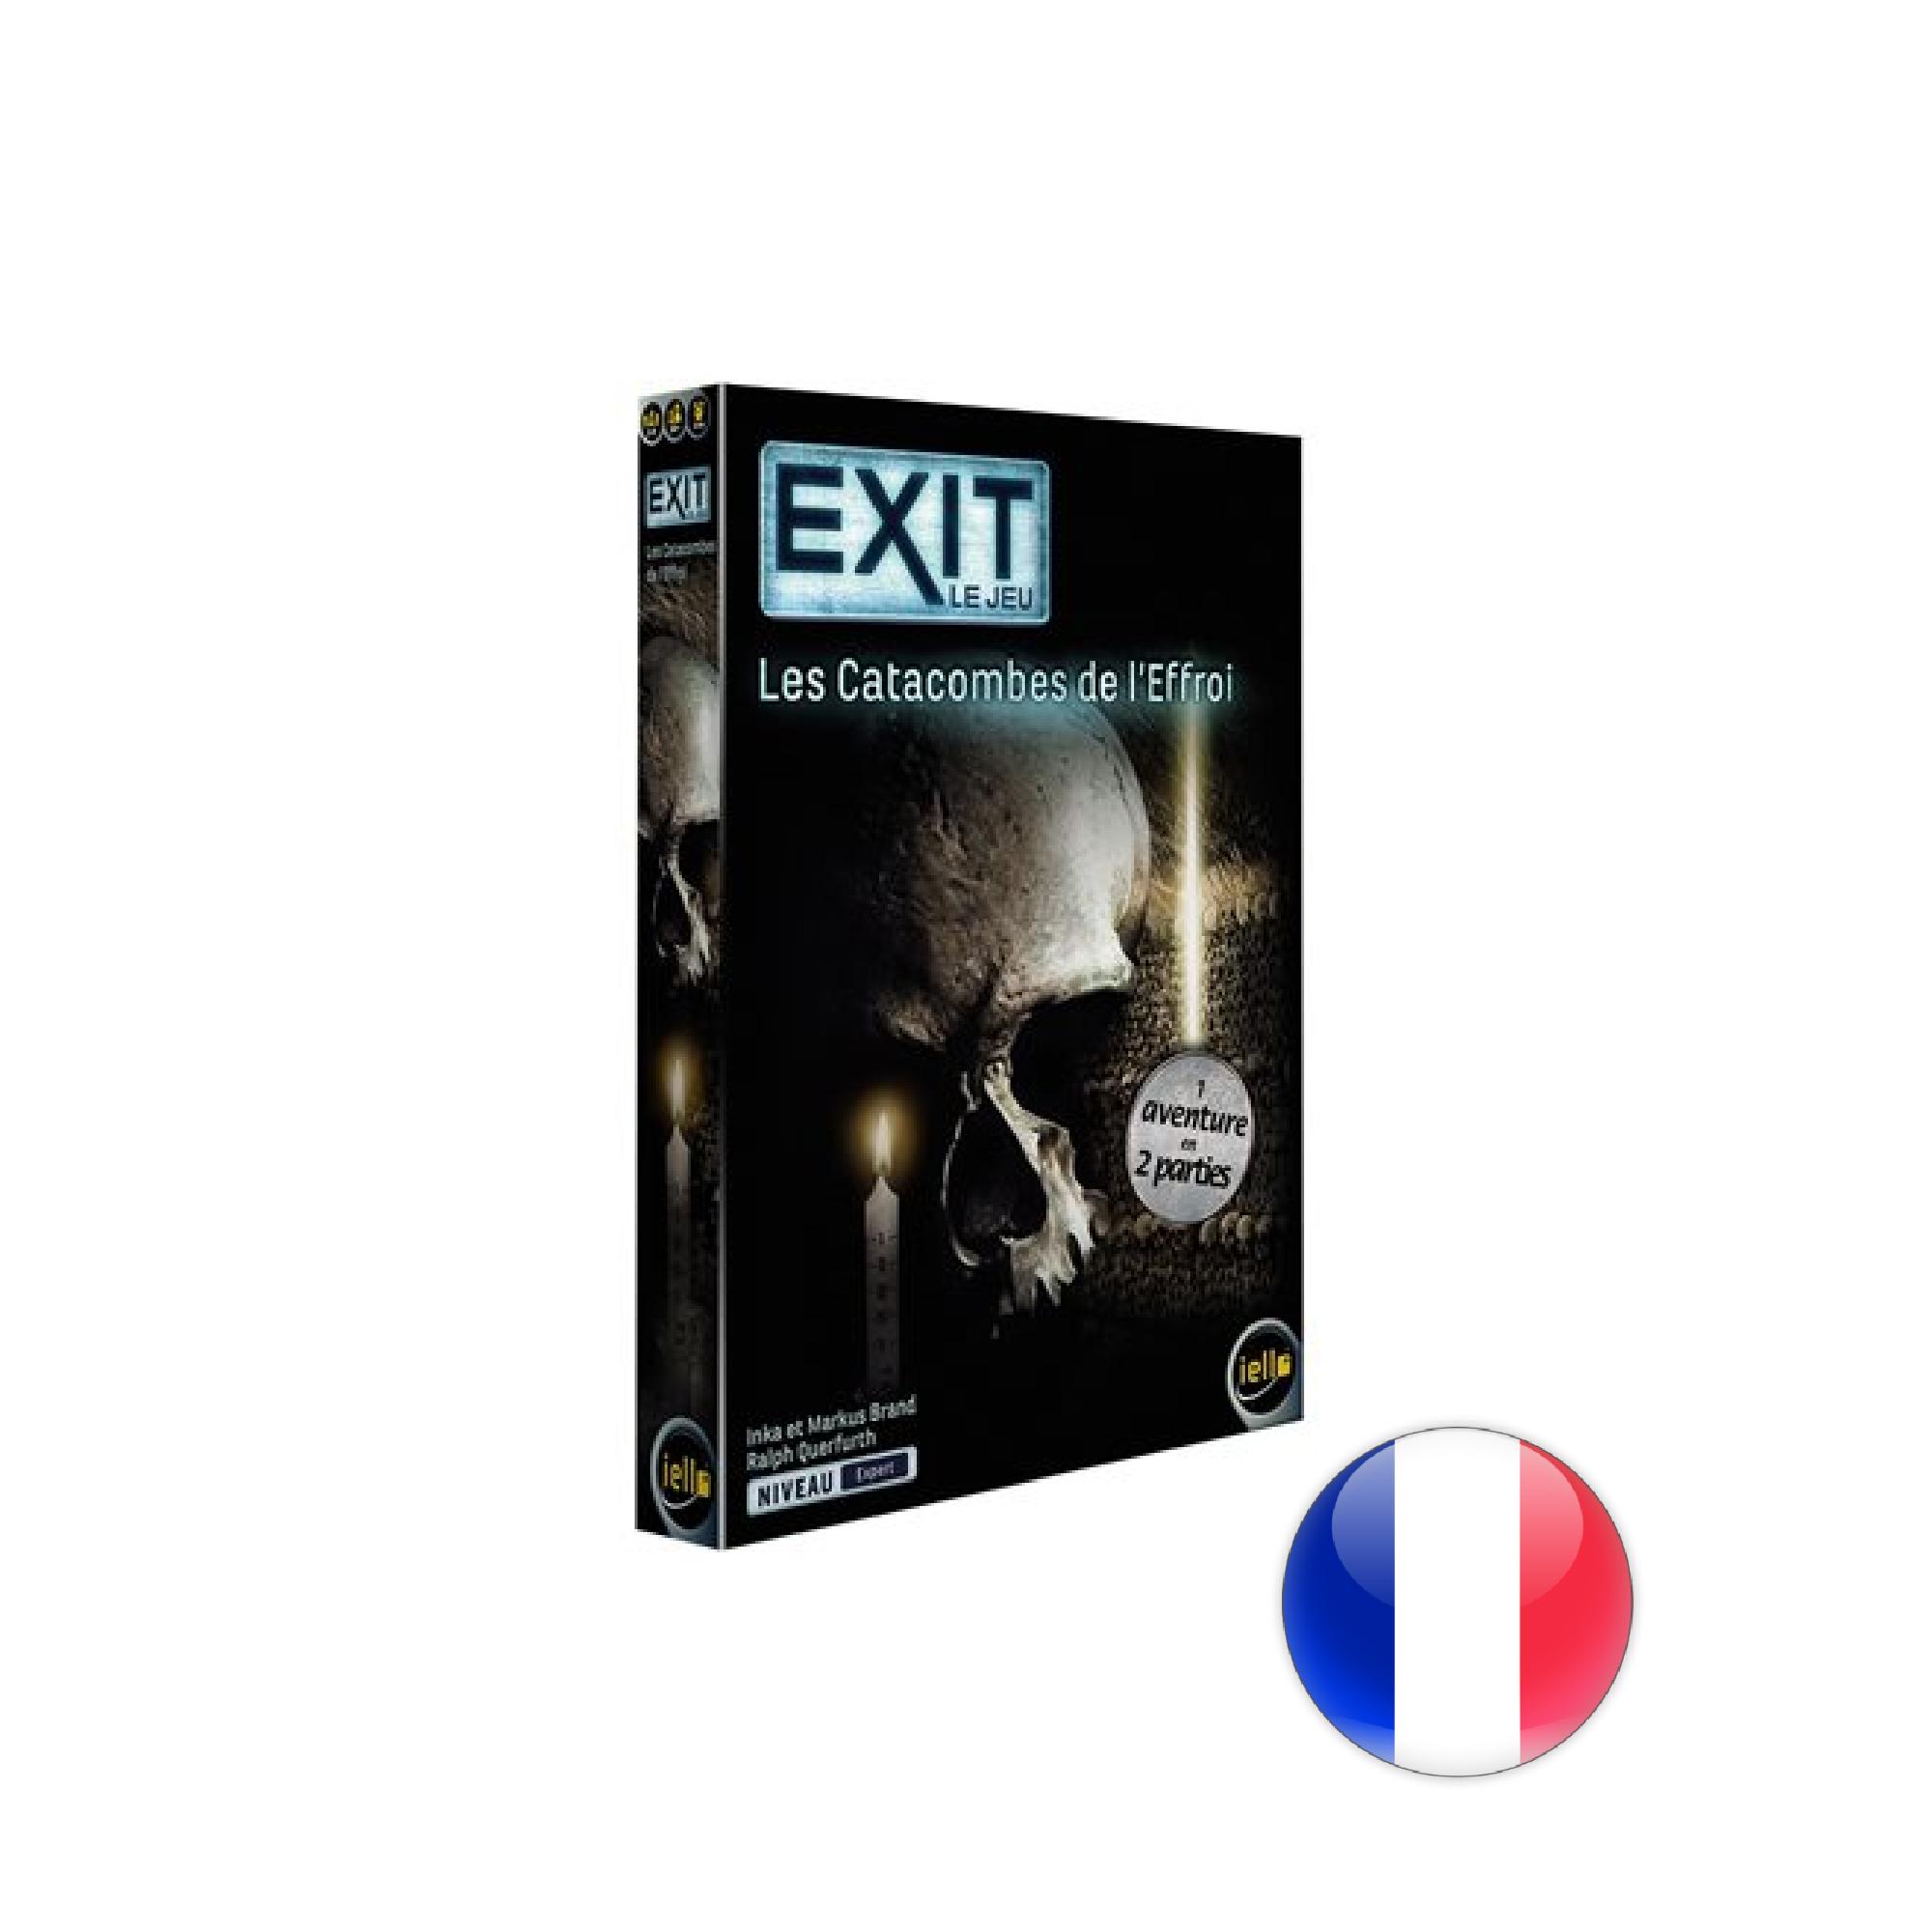 IELLO Exit - Les Catacombes de l'Effroi